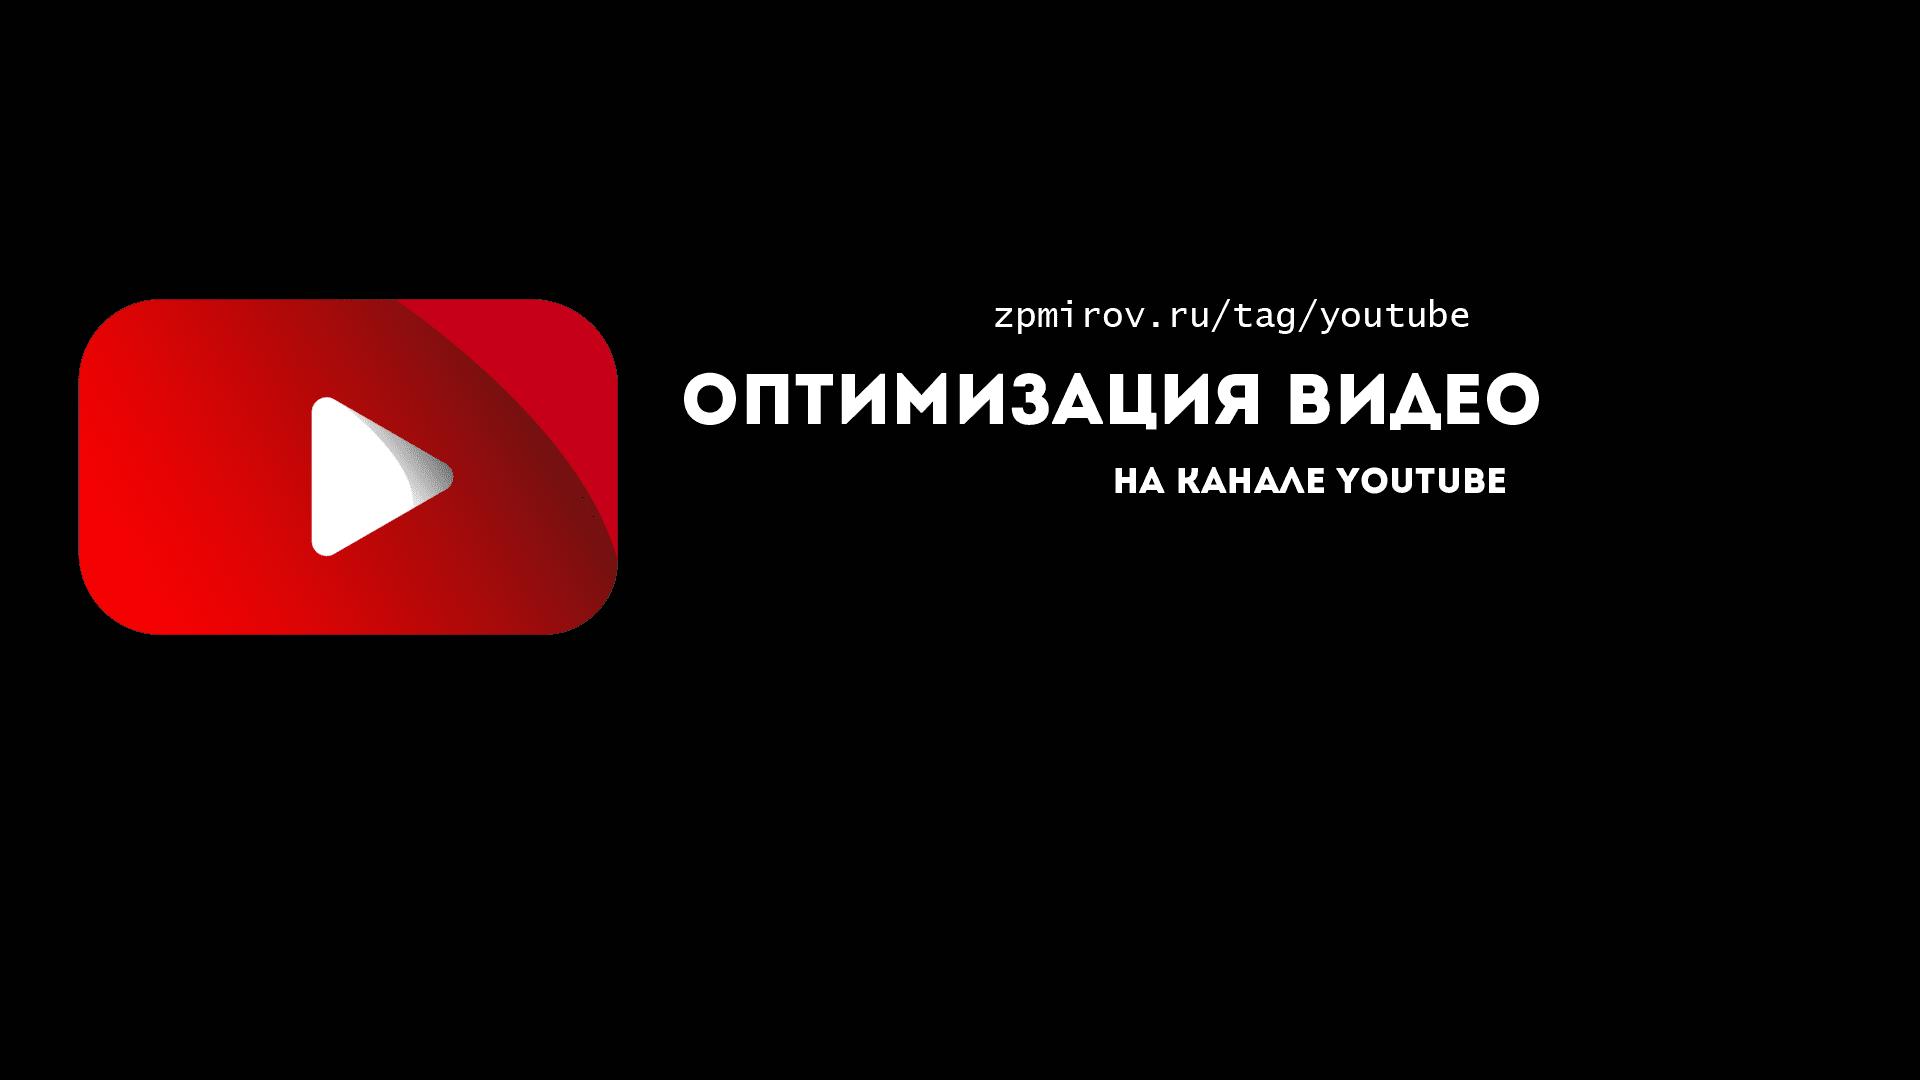 Правильная оптимизация видео на канале ютуб